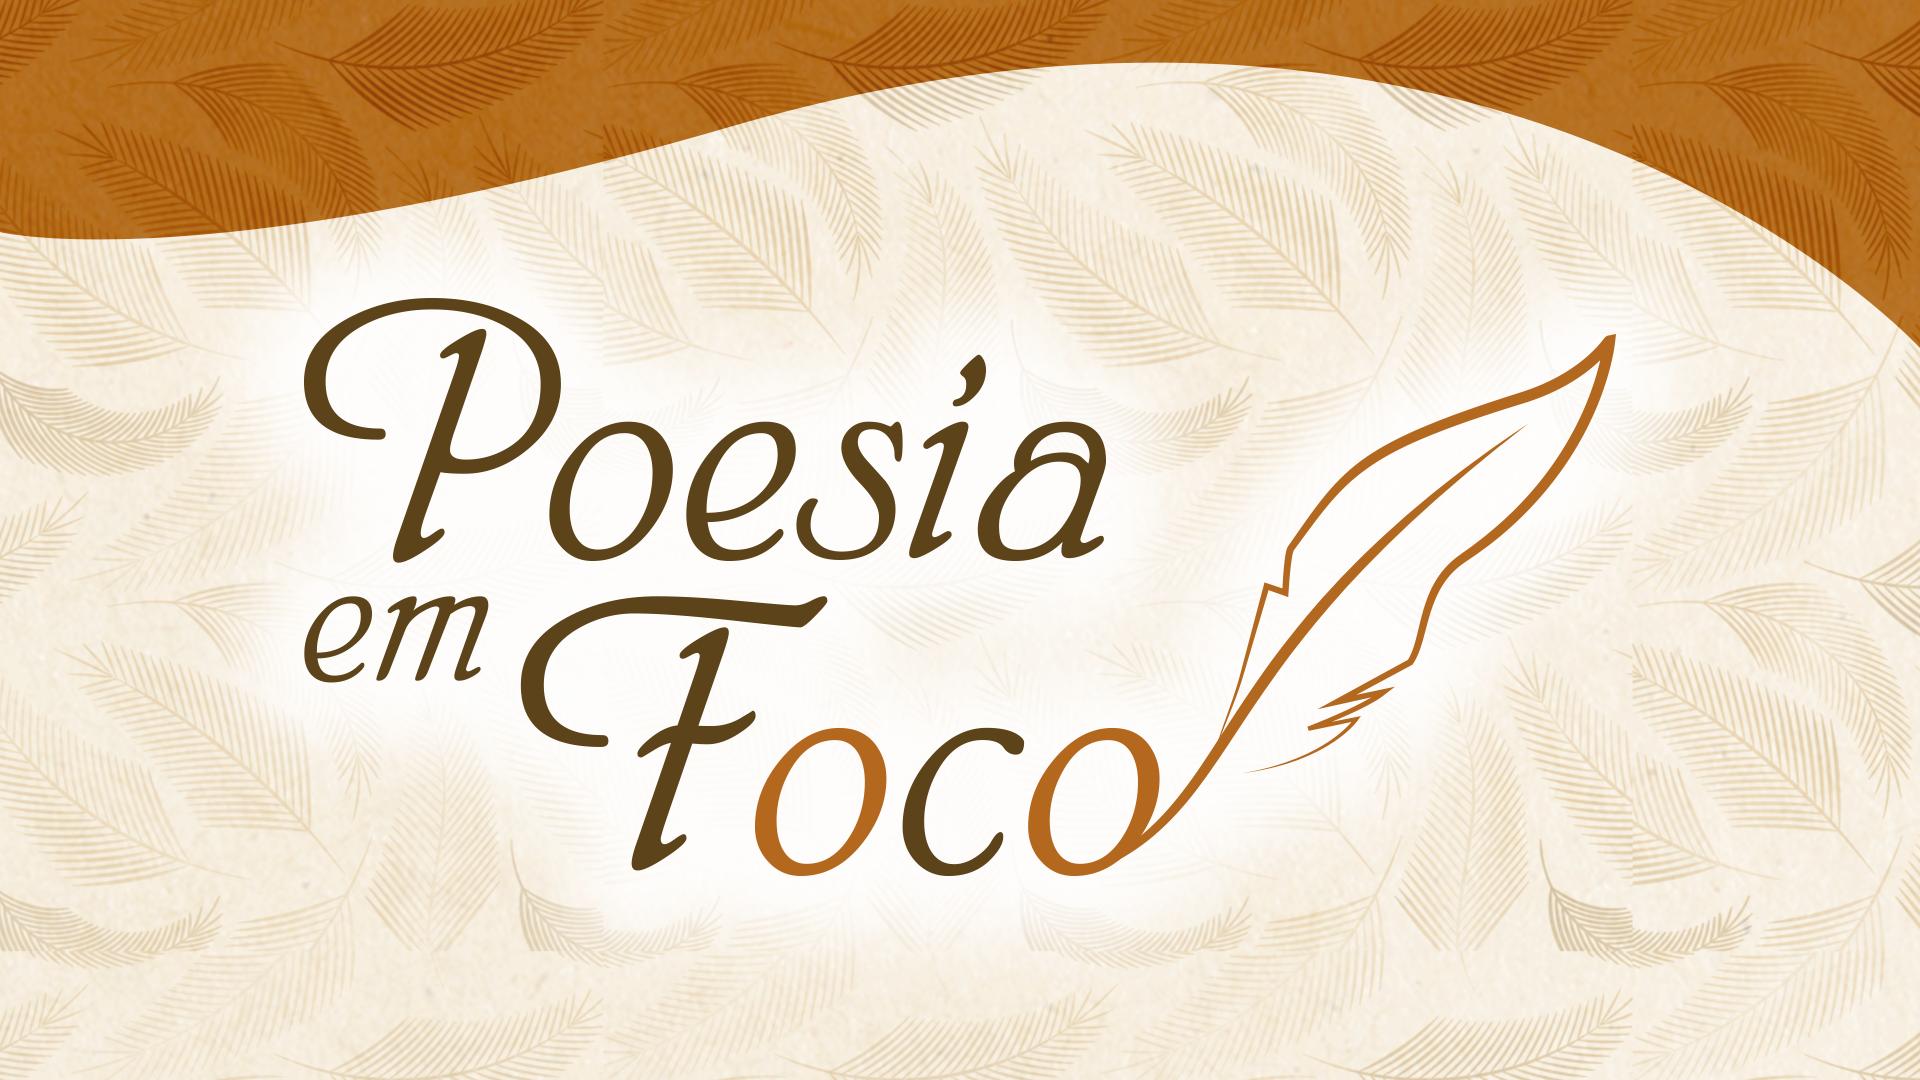 Poesia em Foco_2019_Post_1920 x 1080 px - Logo